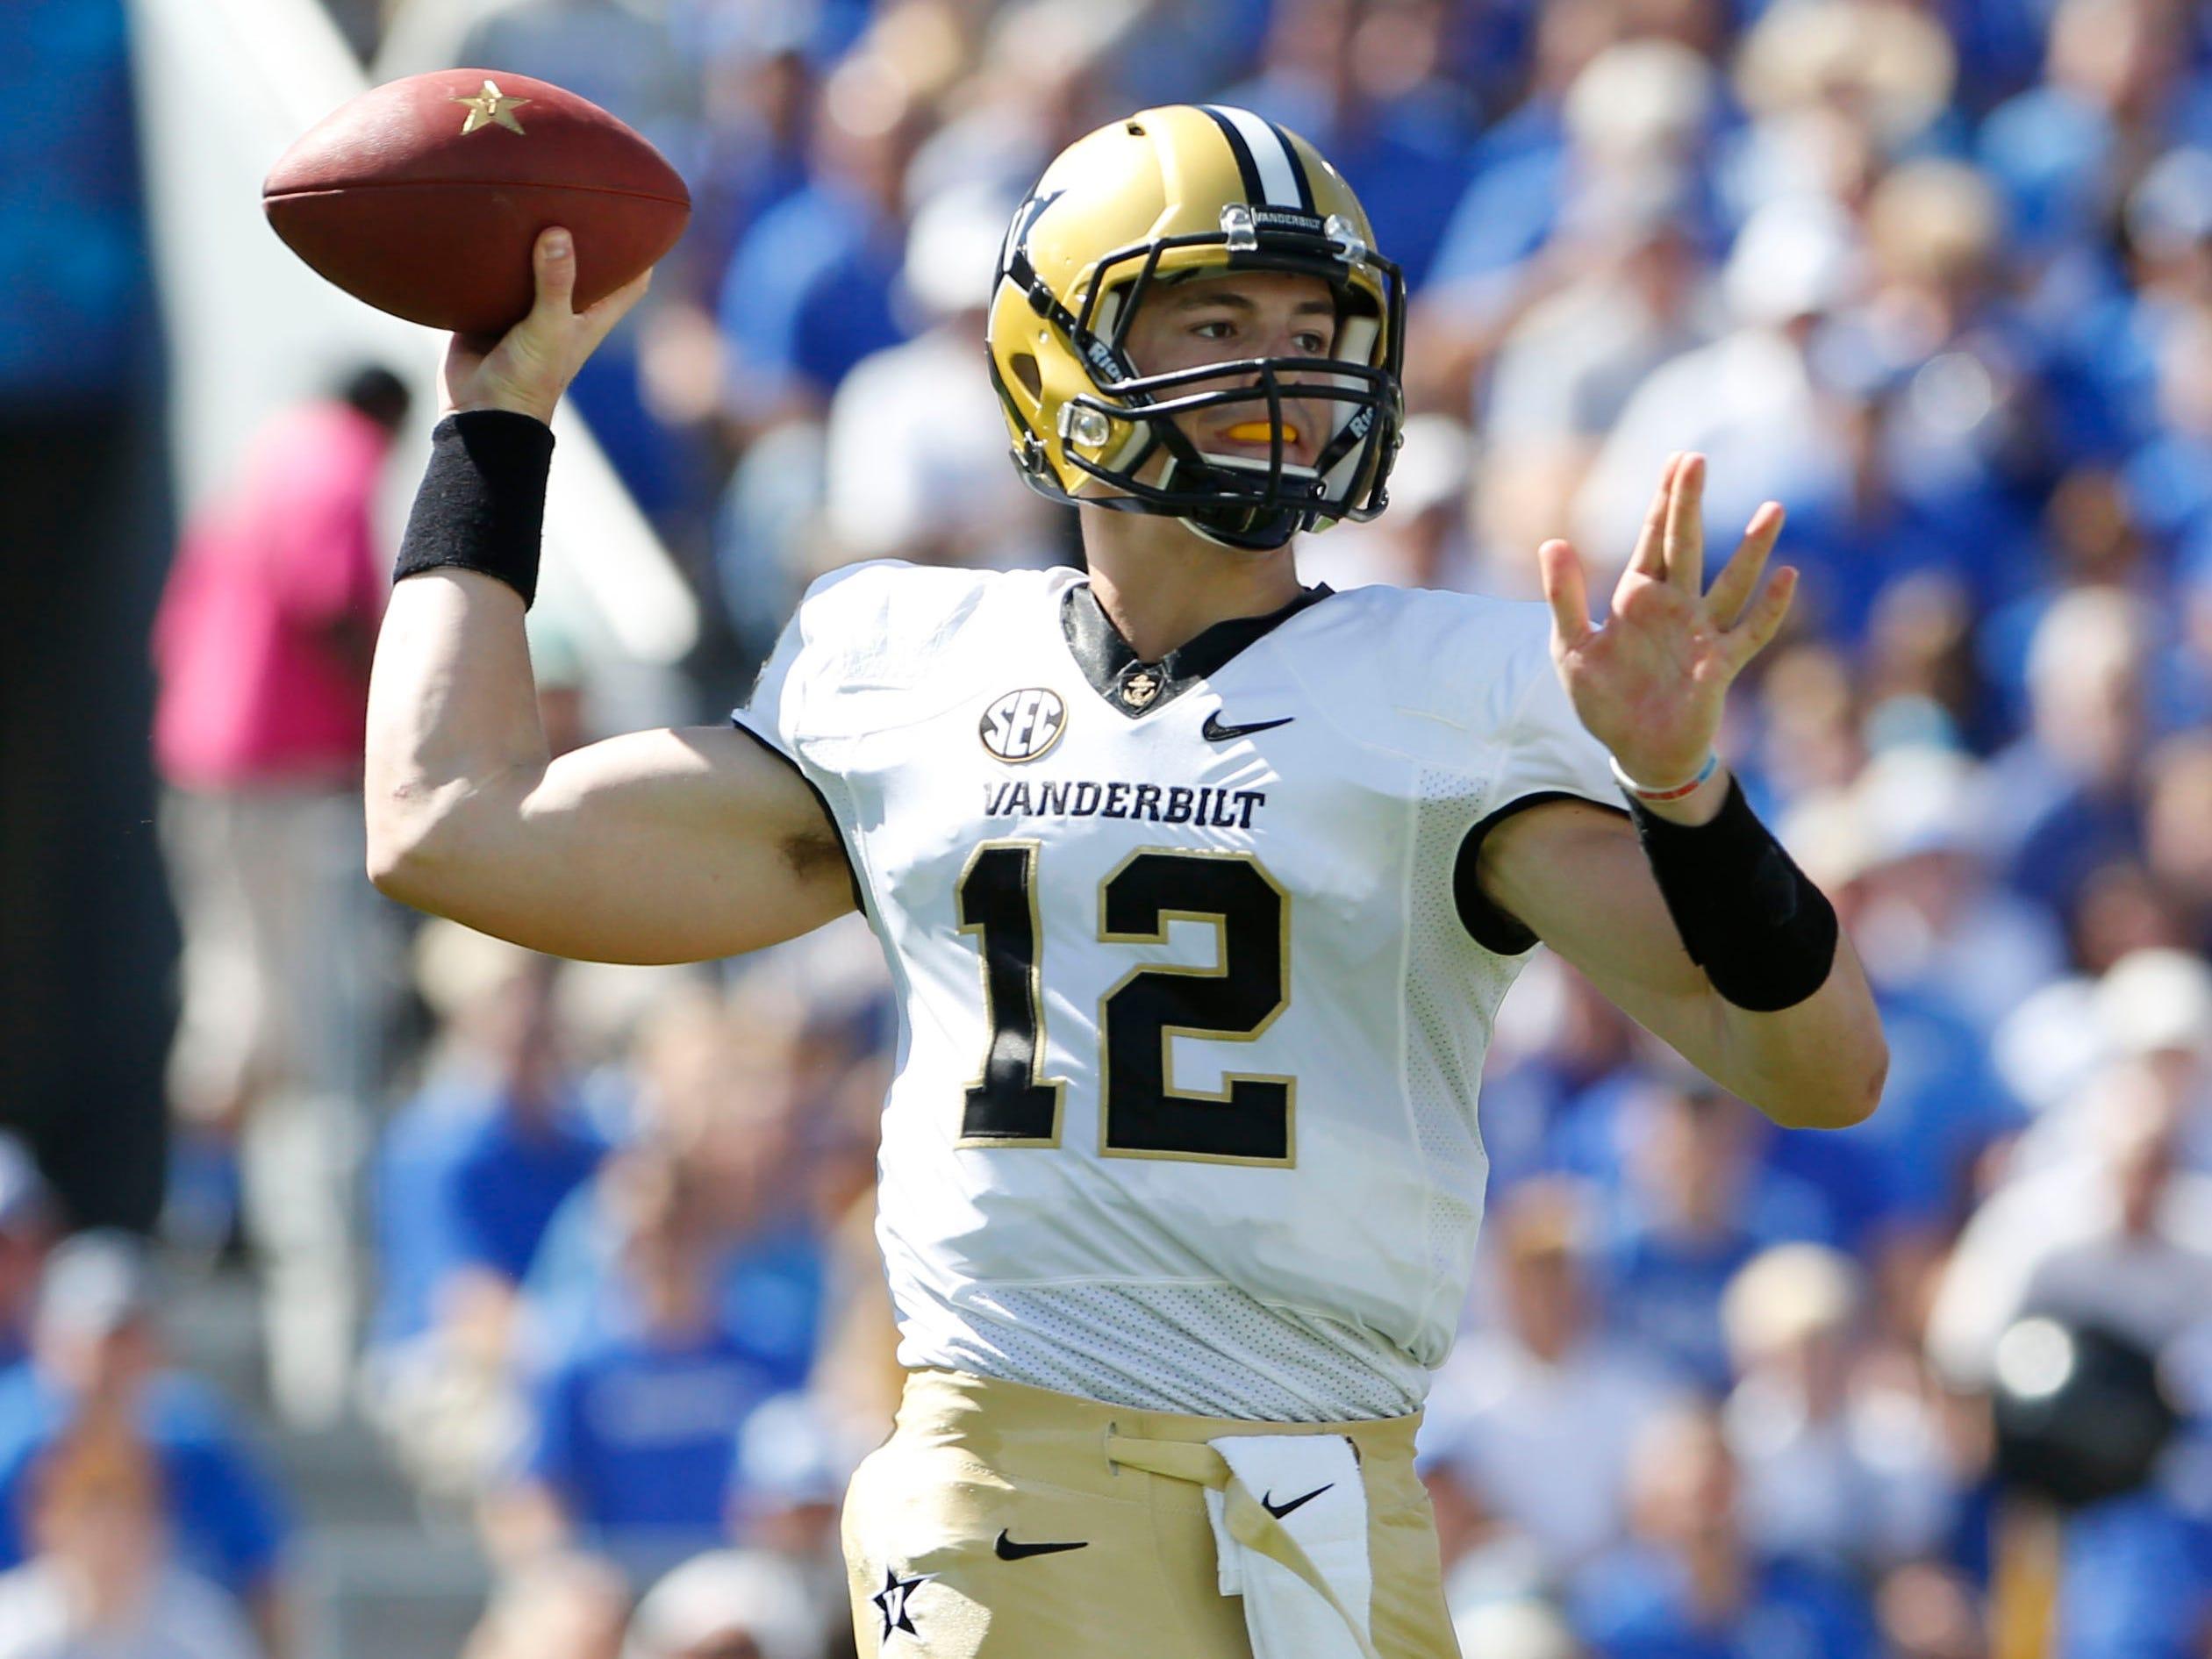 Vanderbilt quarterback Wade Freebeck is exploring his options as a graduate transfer.